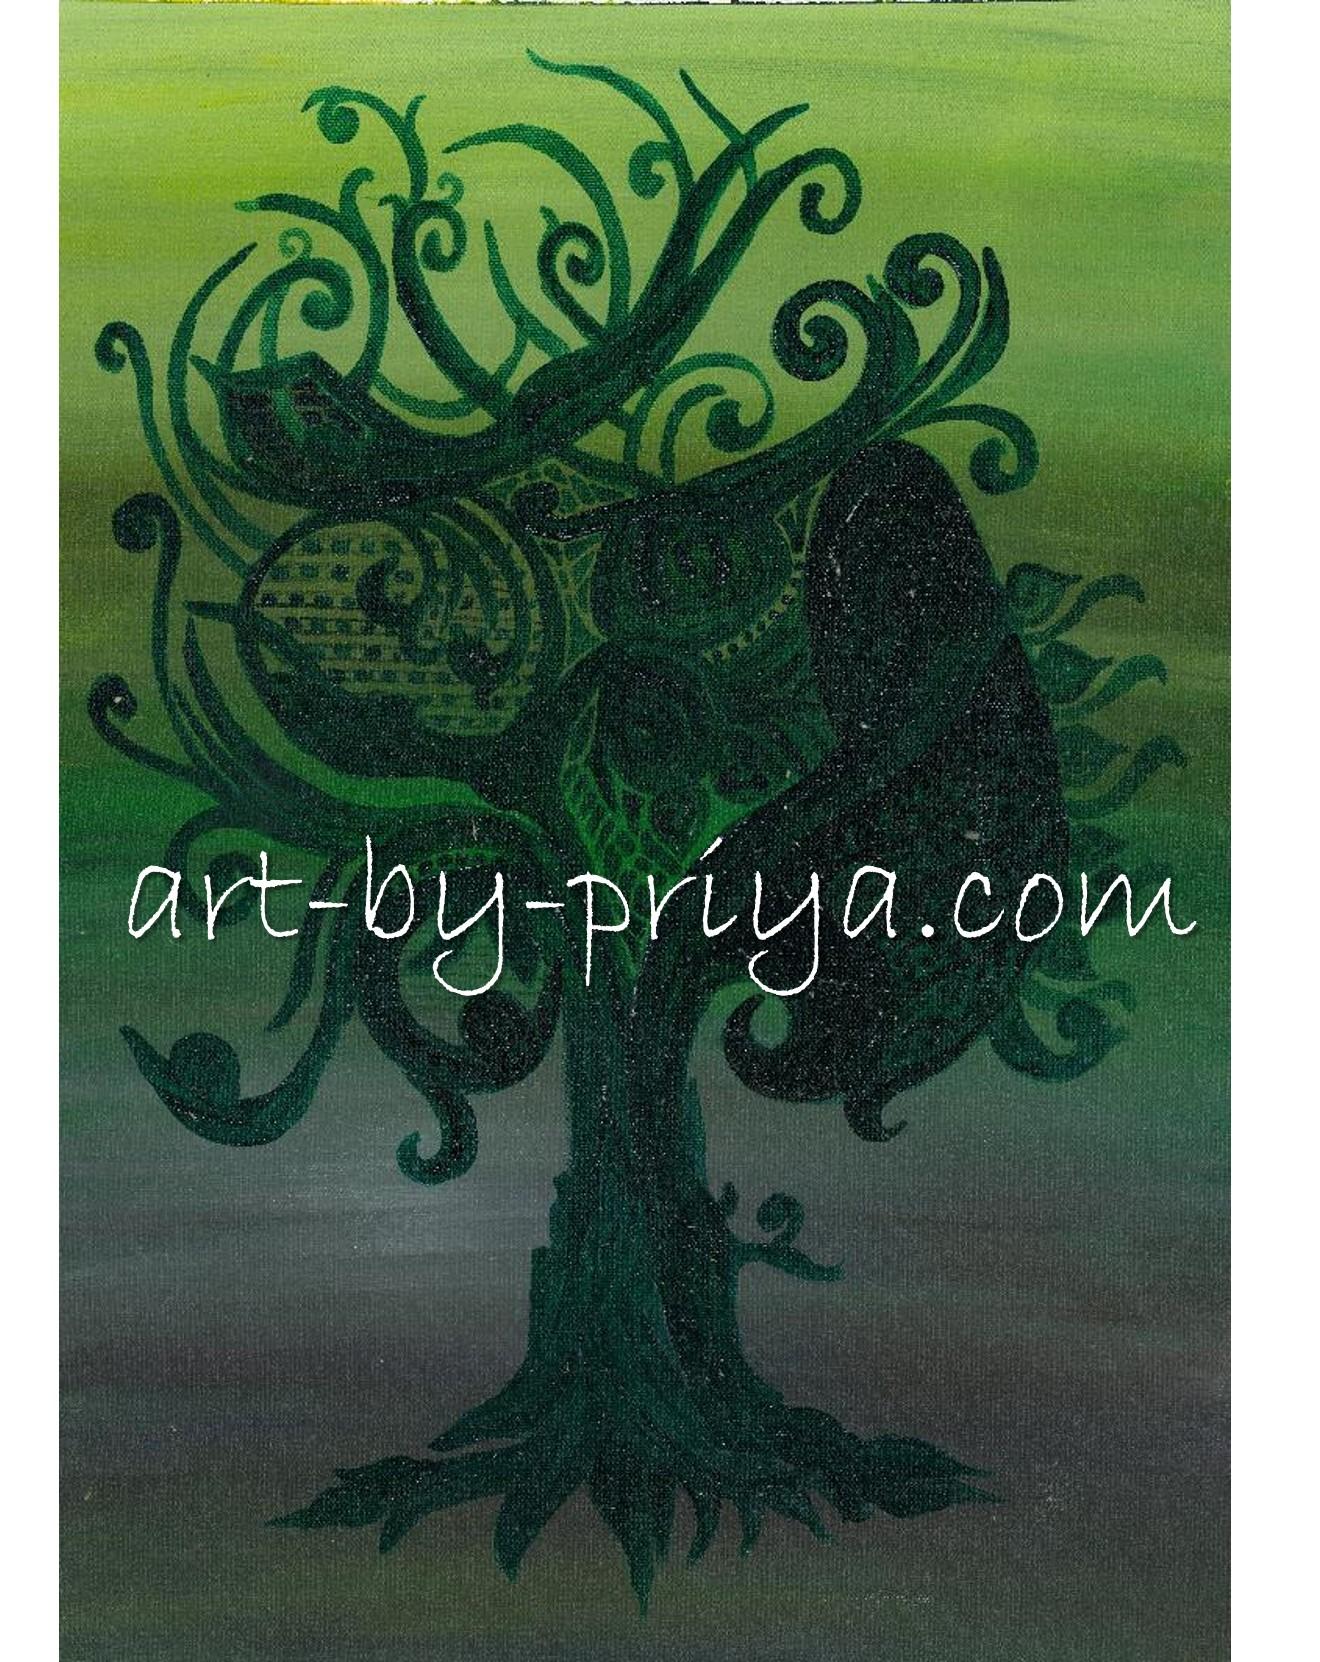 THE TREE ACRYLIC17